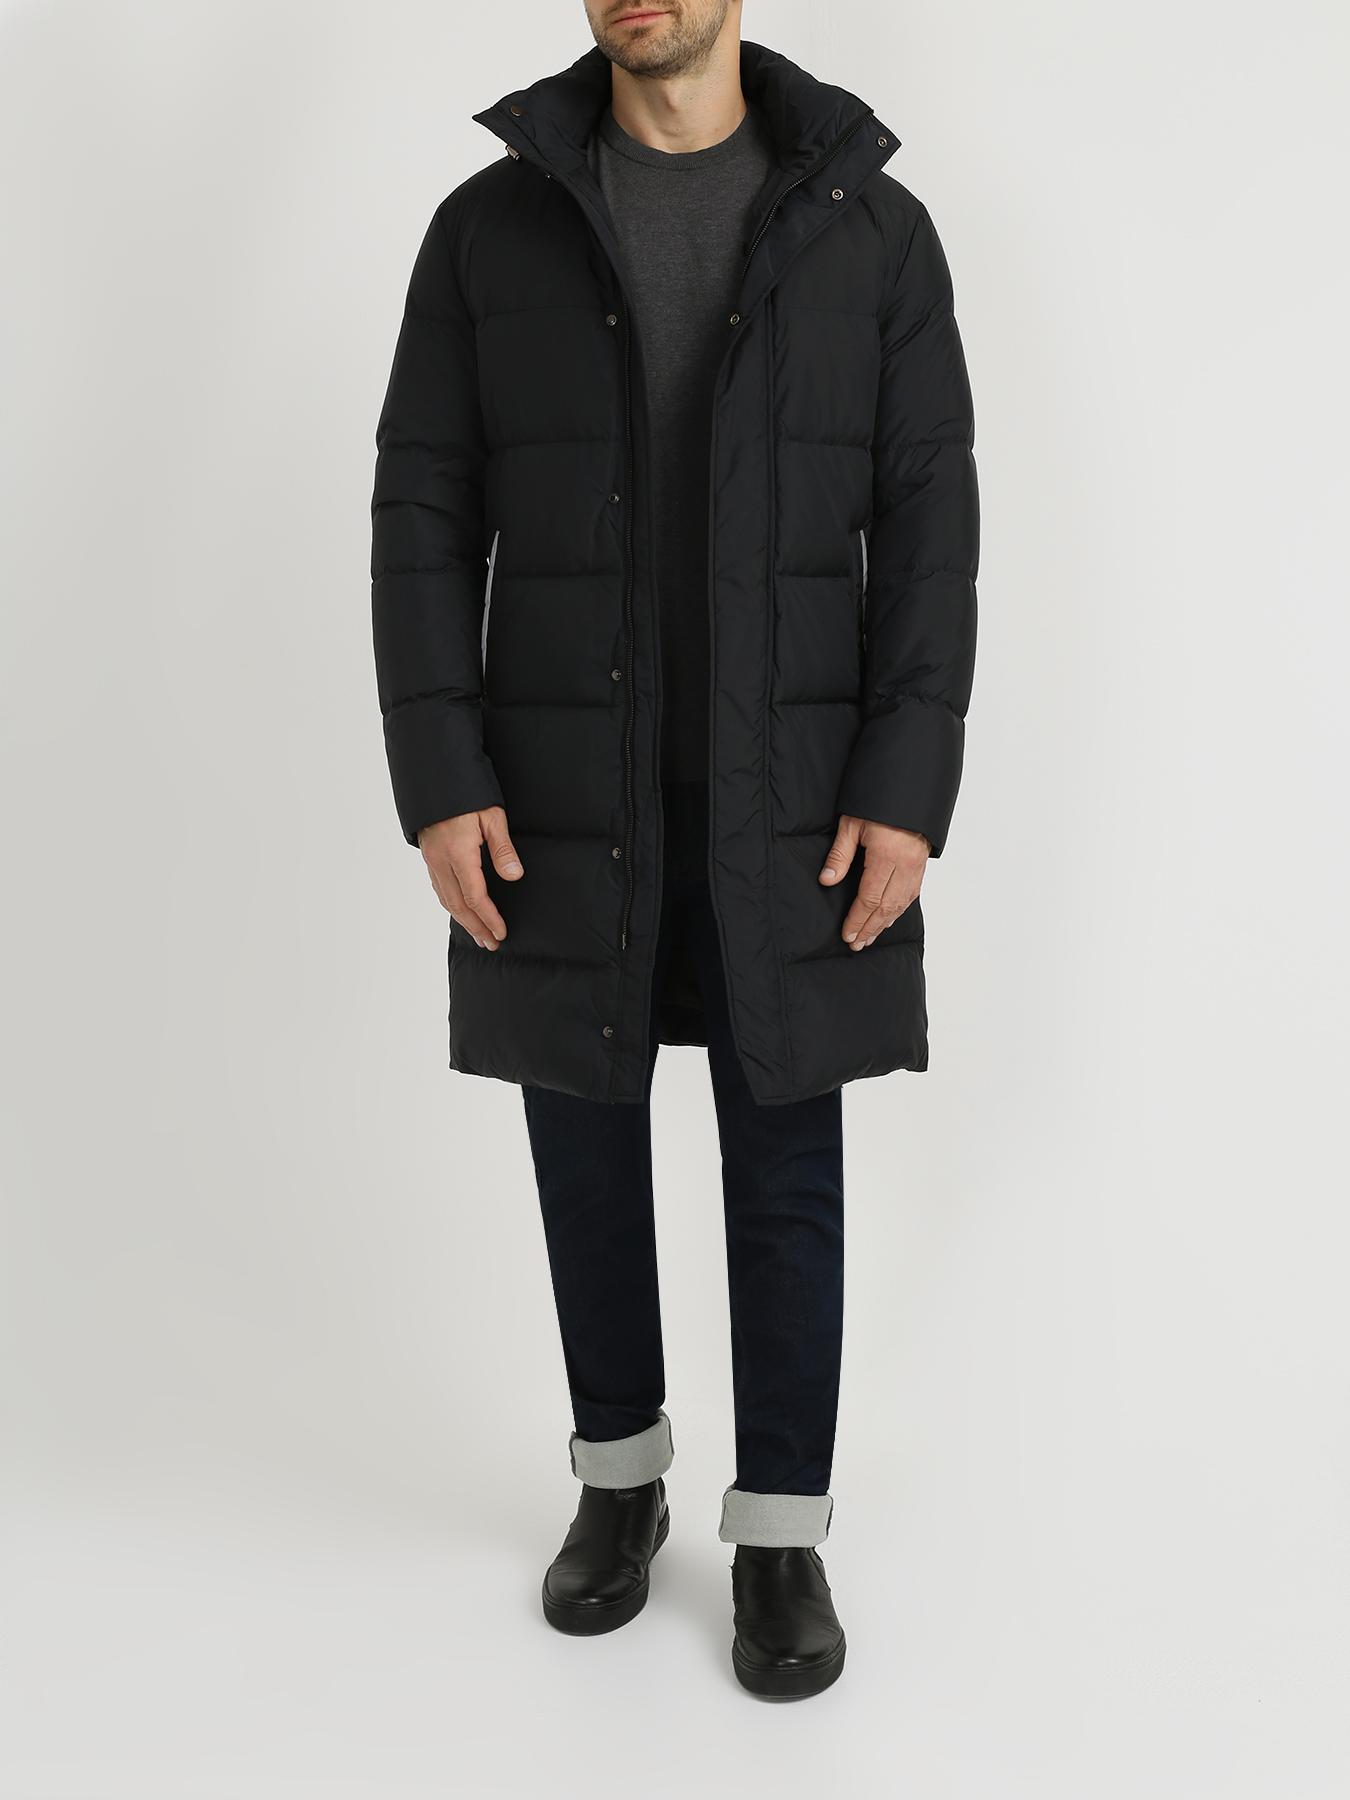 Alessandro Manzoni Jeans Удлиненная куртка фото